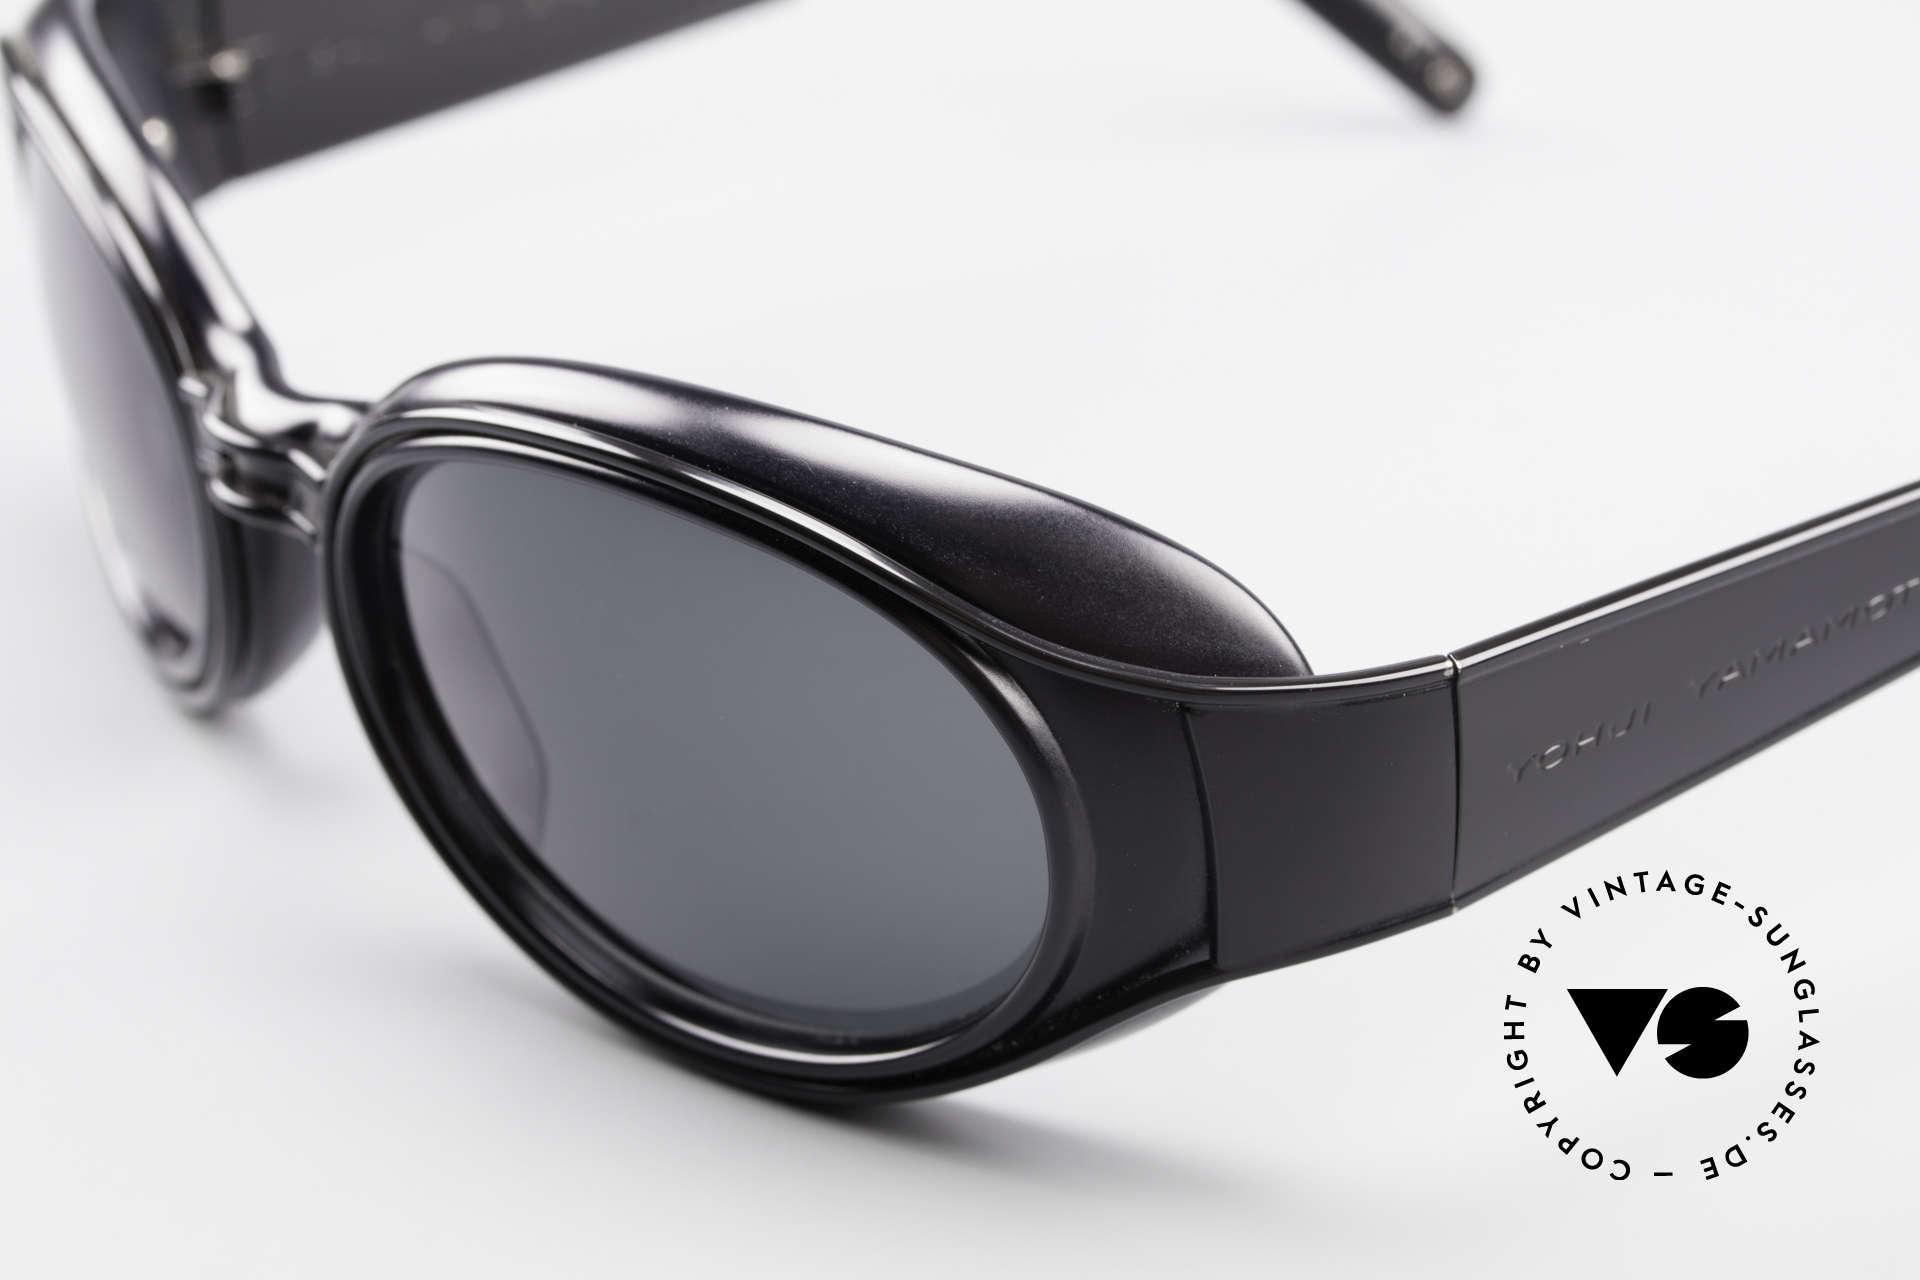 Yohji Yamamoto 52-6202 Sportliche XL Sonnenbrille, KEINE Retromode; ein Y. Yamamoto Original von 1995, Passend für Herren und Damen